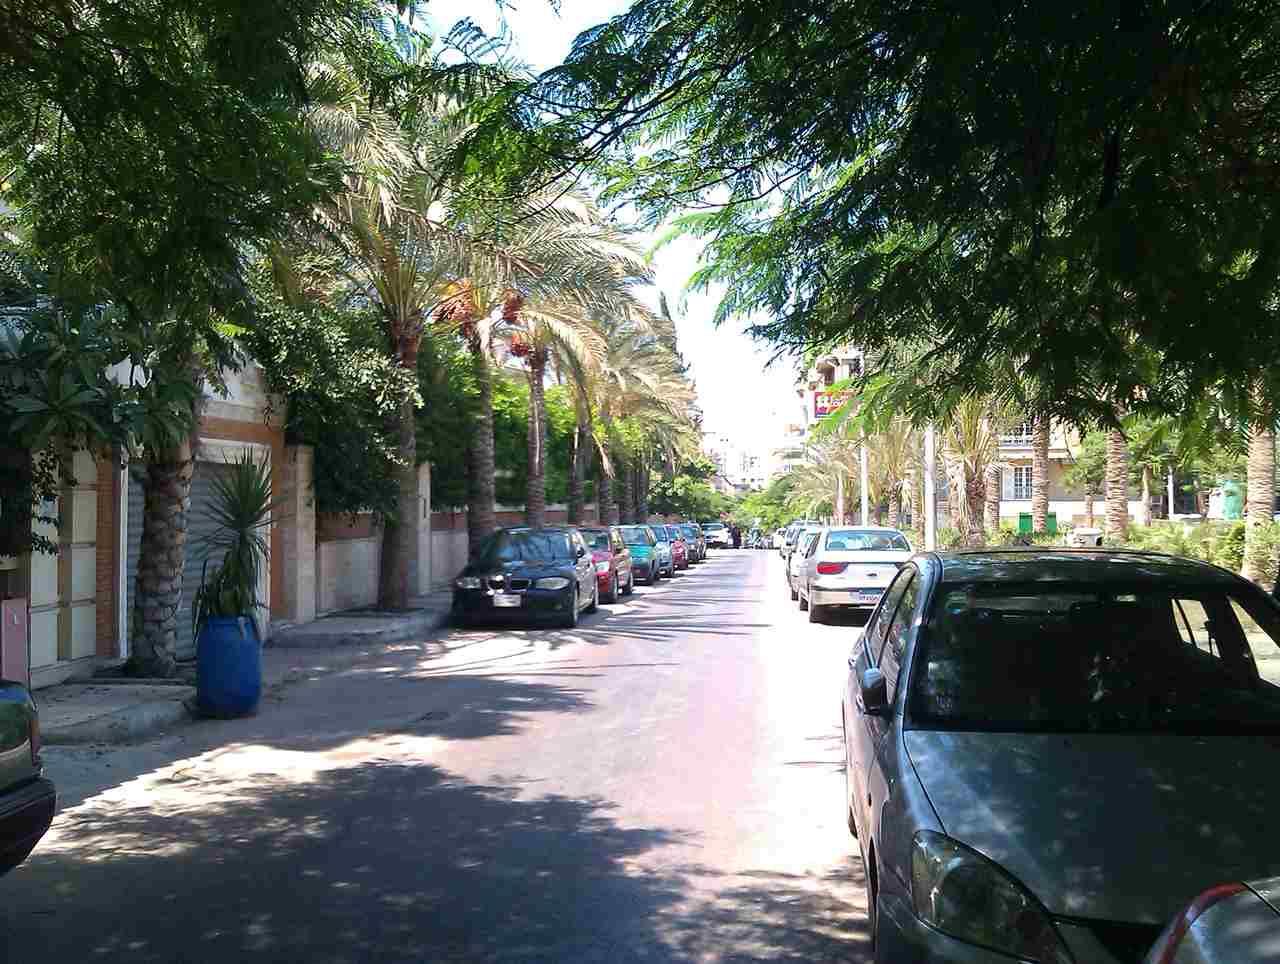 شراء عقارات في الإسكندرية - كفر عبده